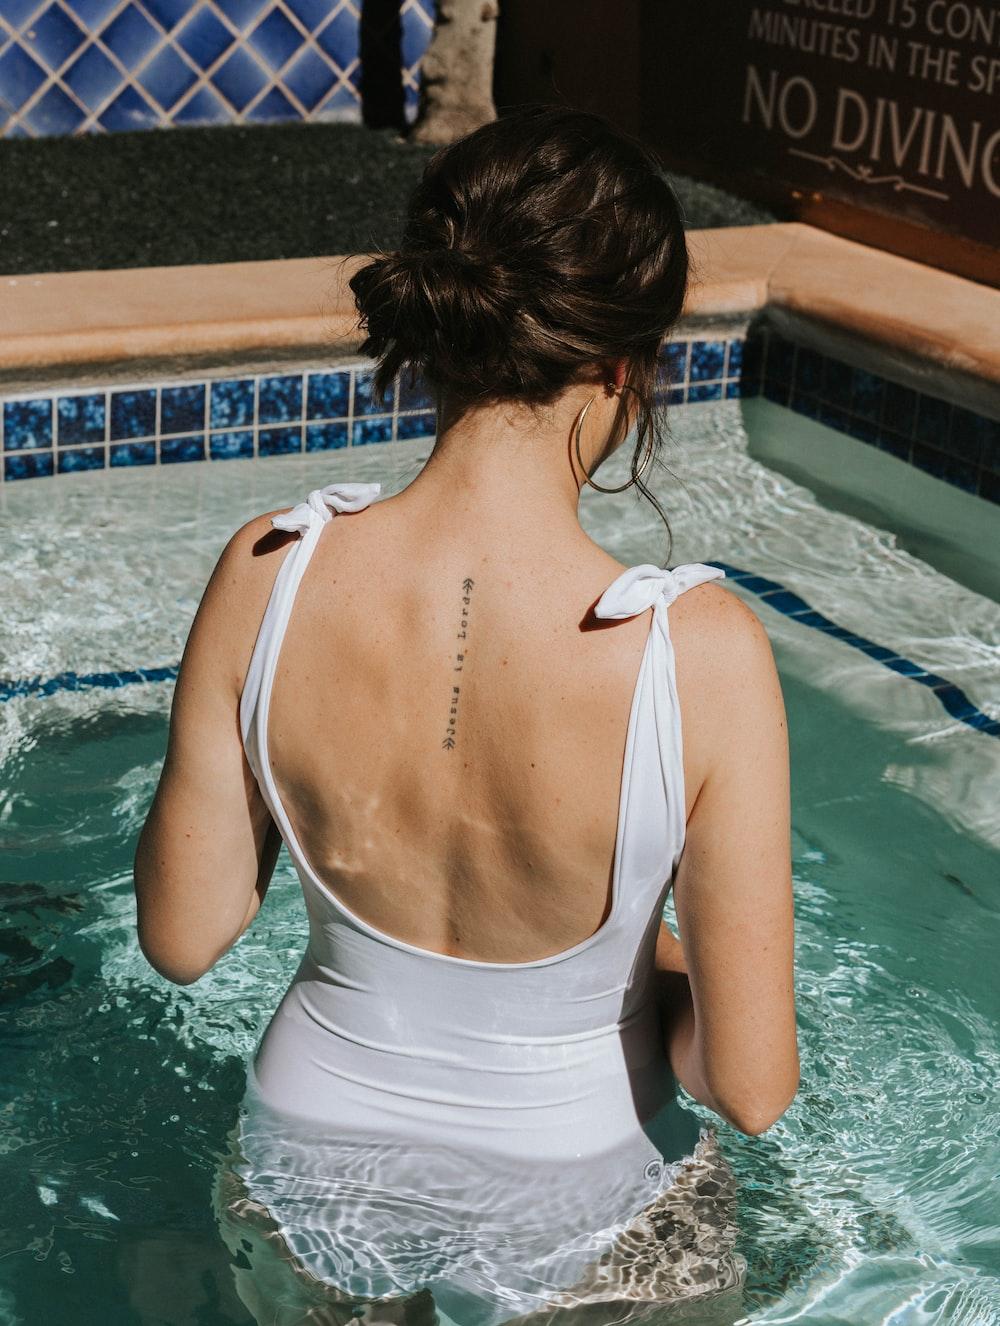 woman in white monokini in pool